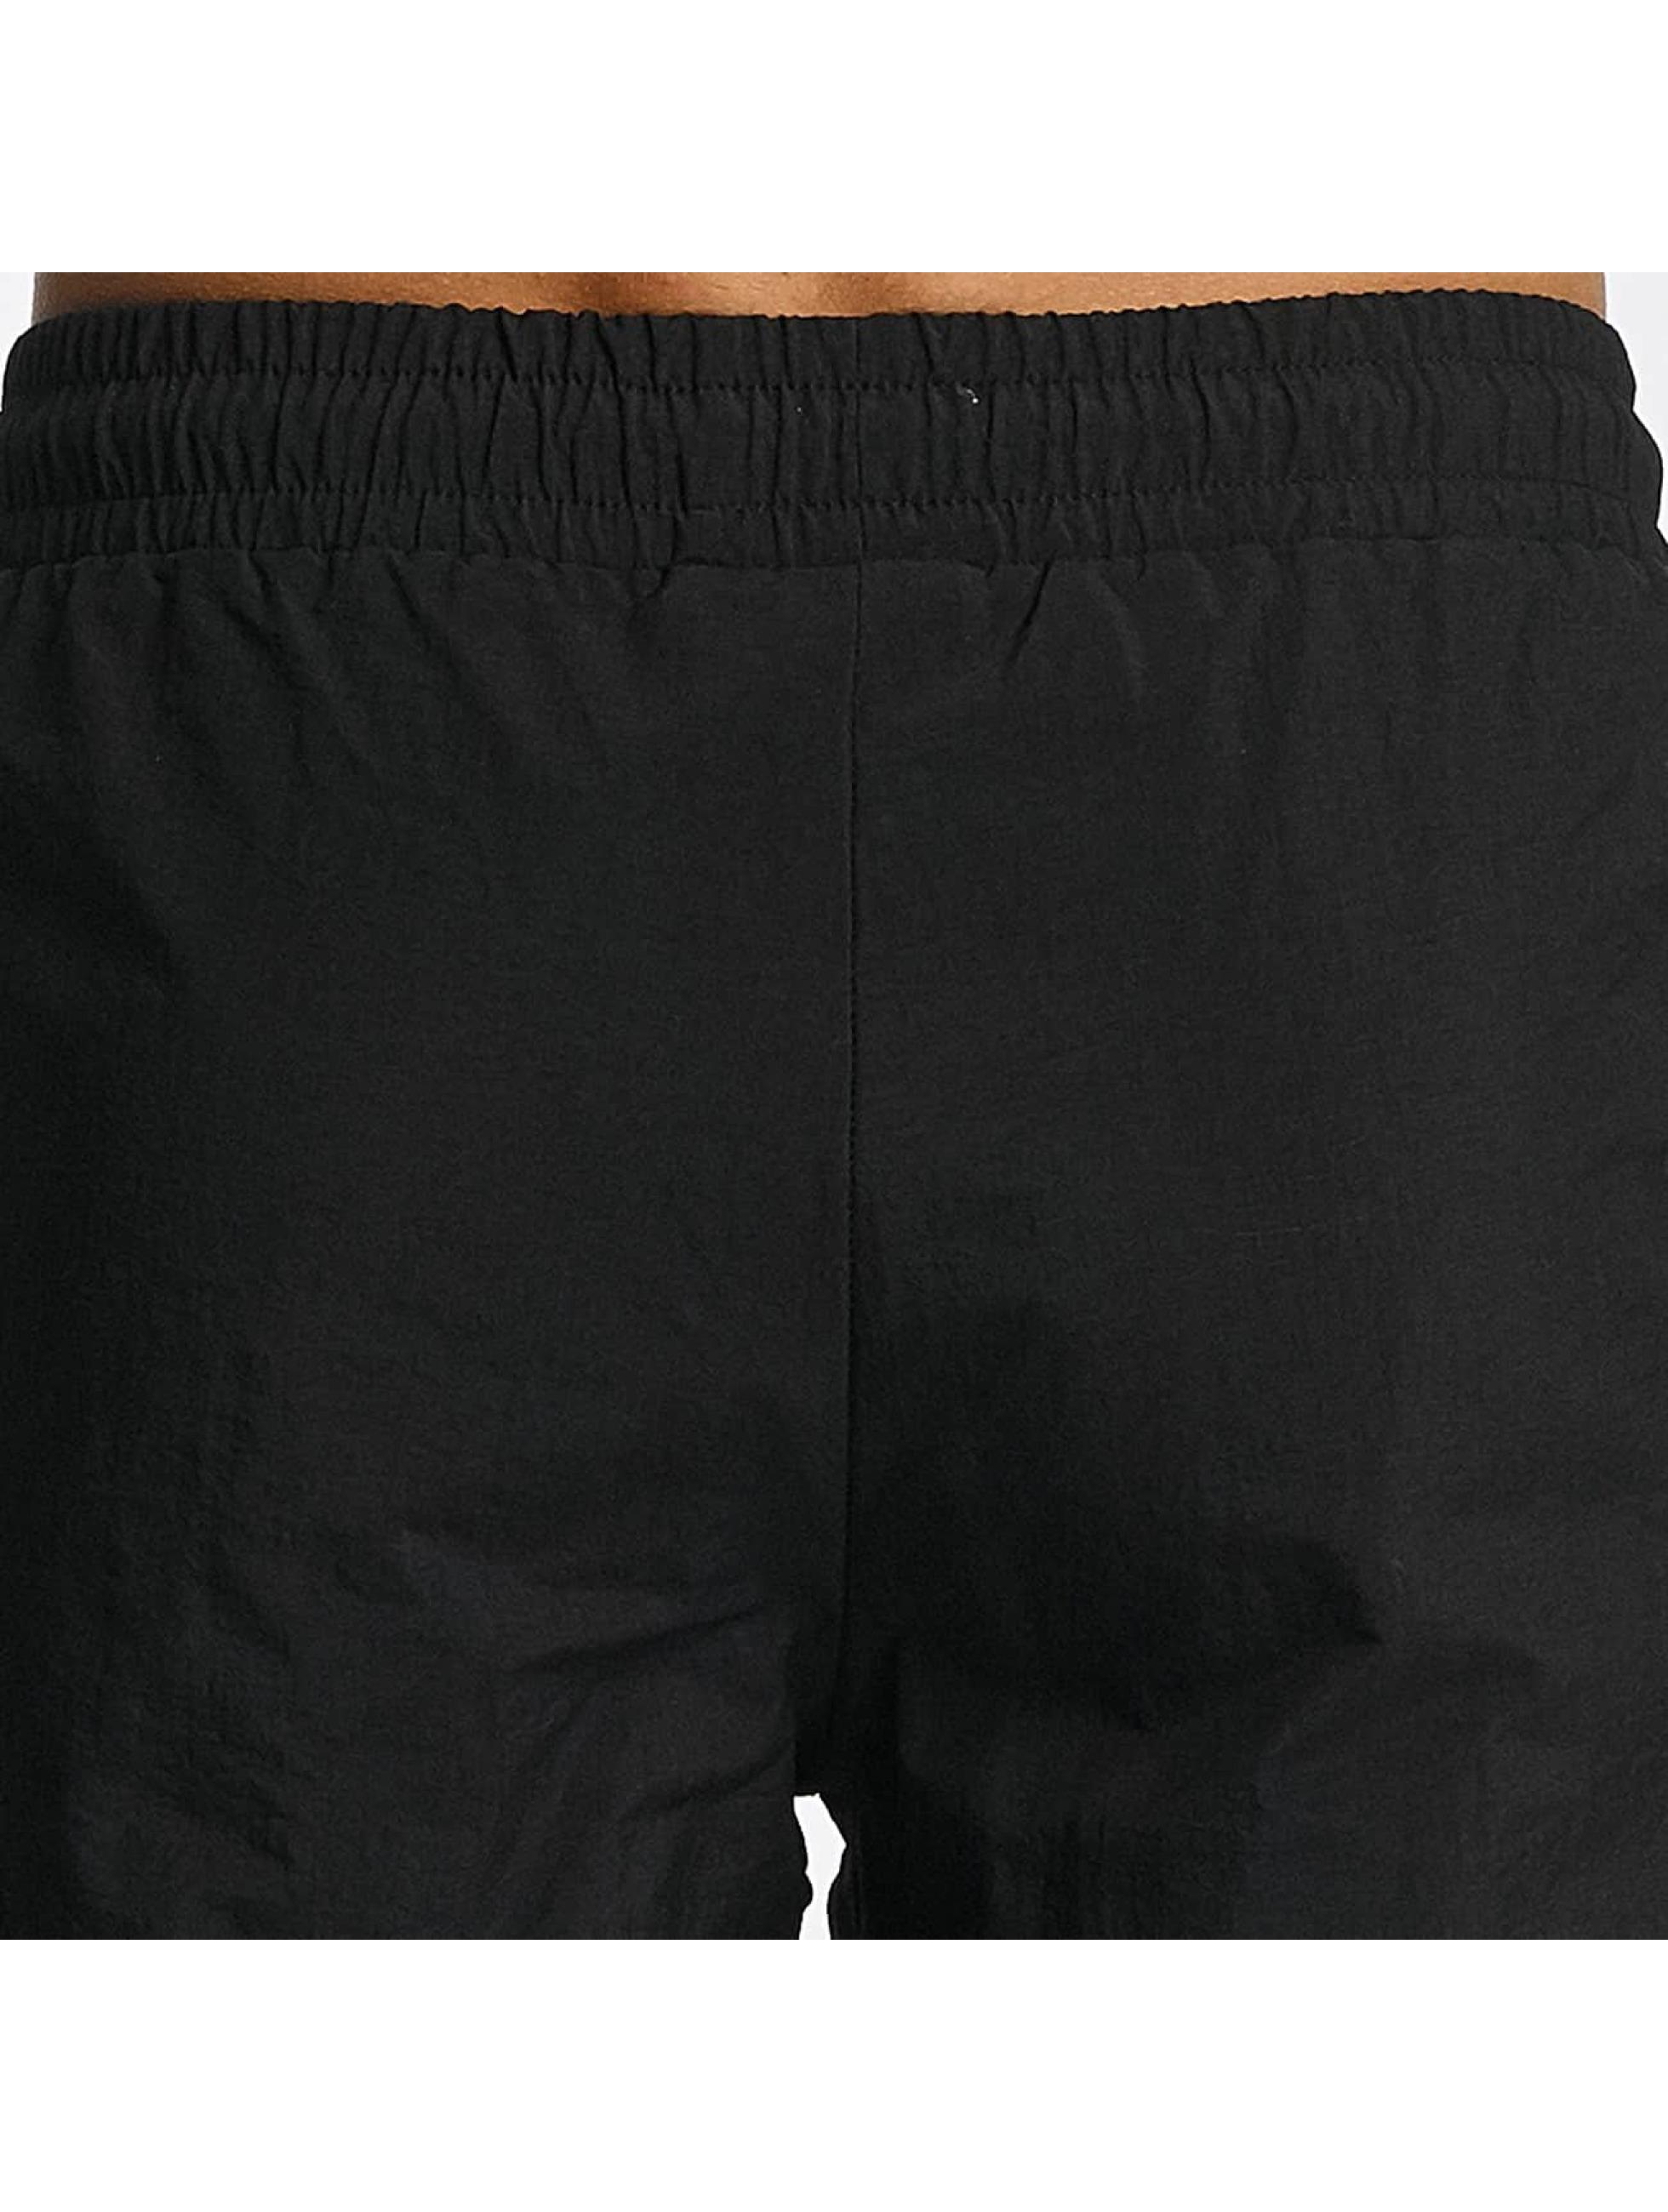 Wrung Division Sweat Pant Jam black